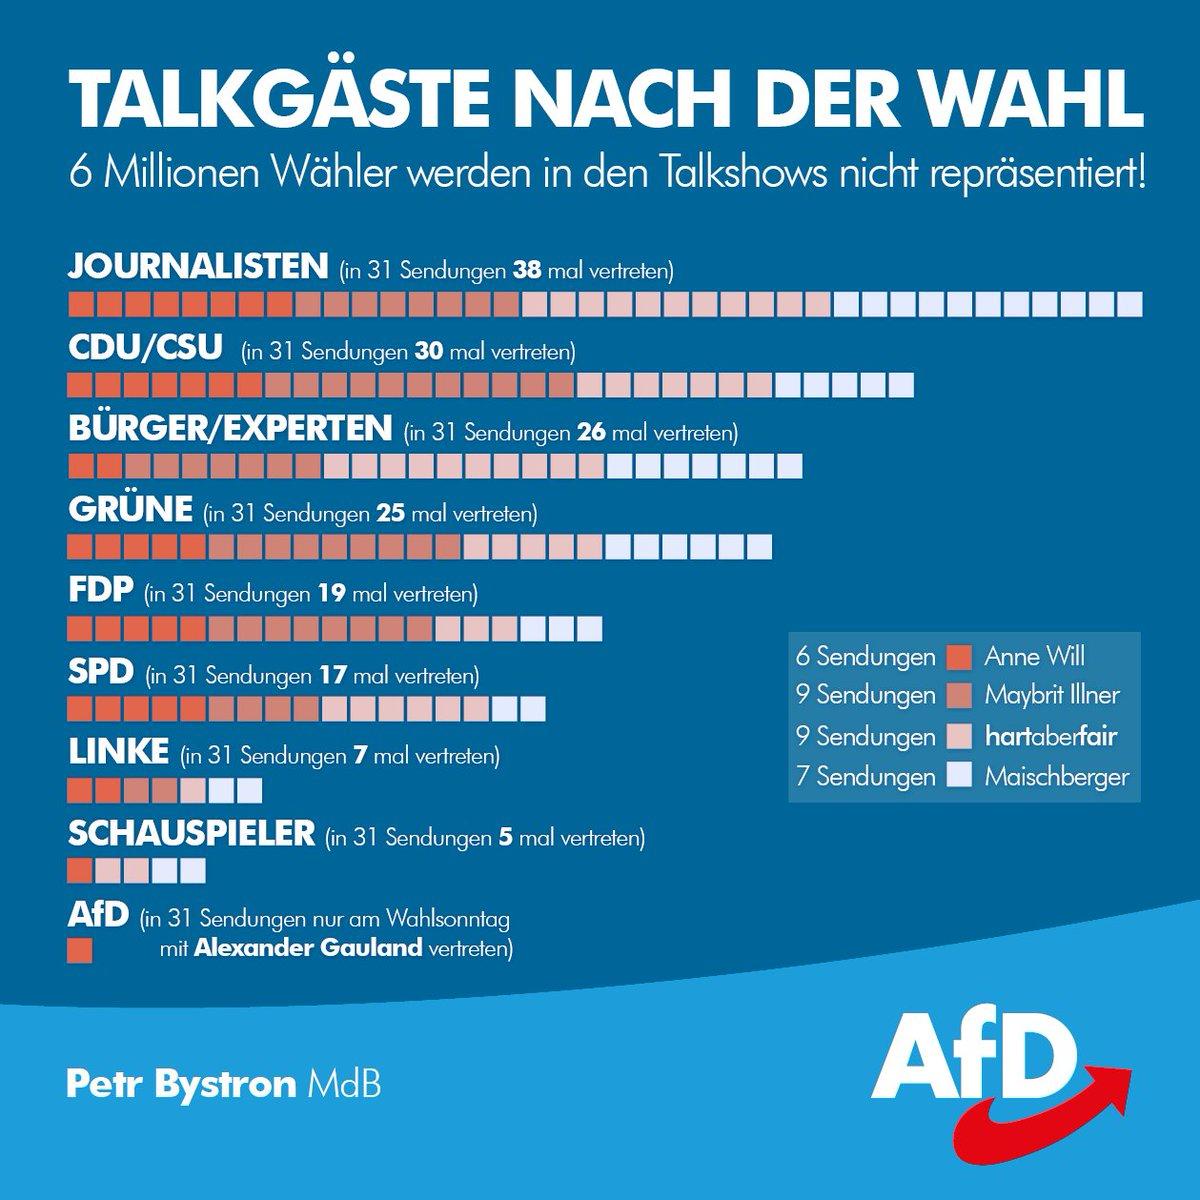 AfD Berlin on Twitter: